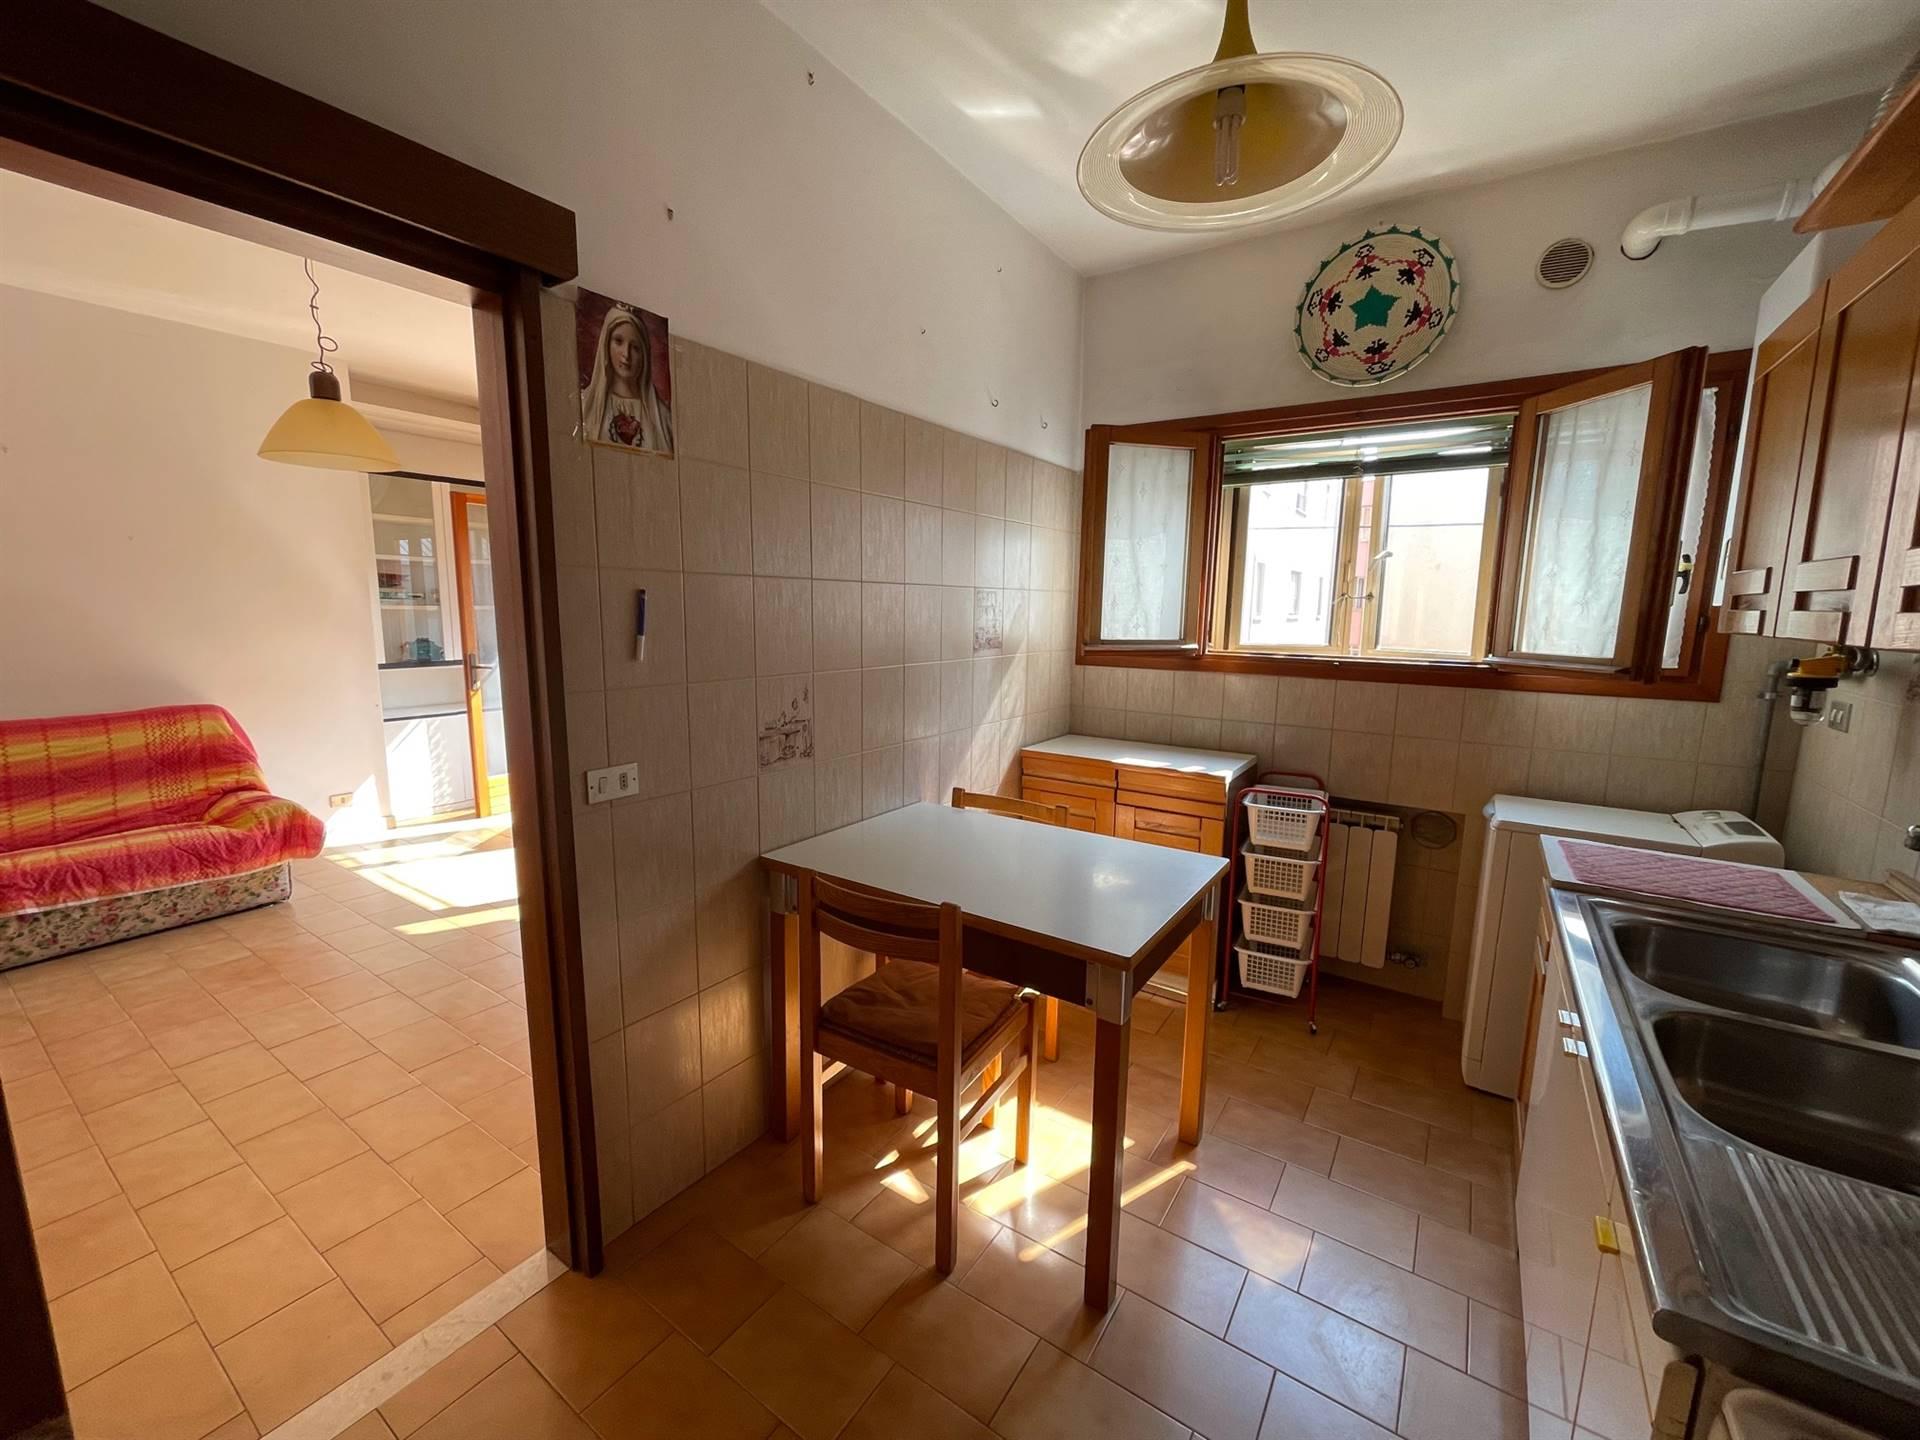 Mestre centro vendita appartamento con 3 camere